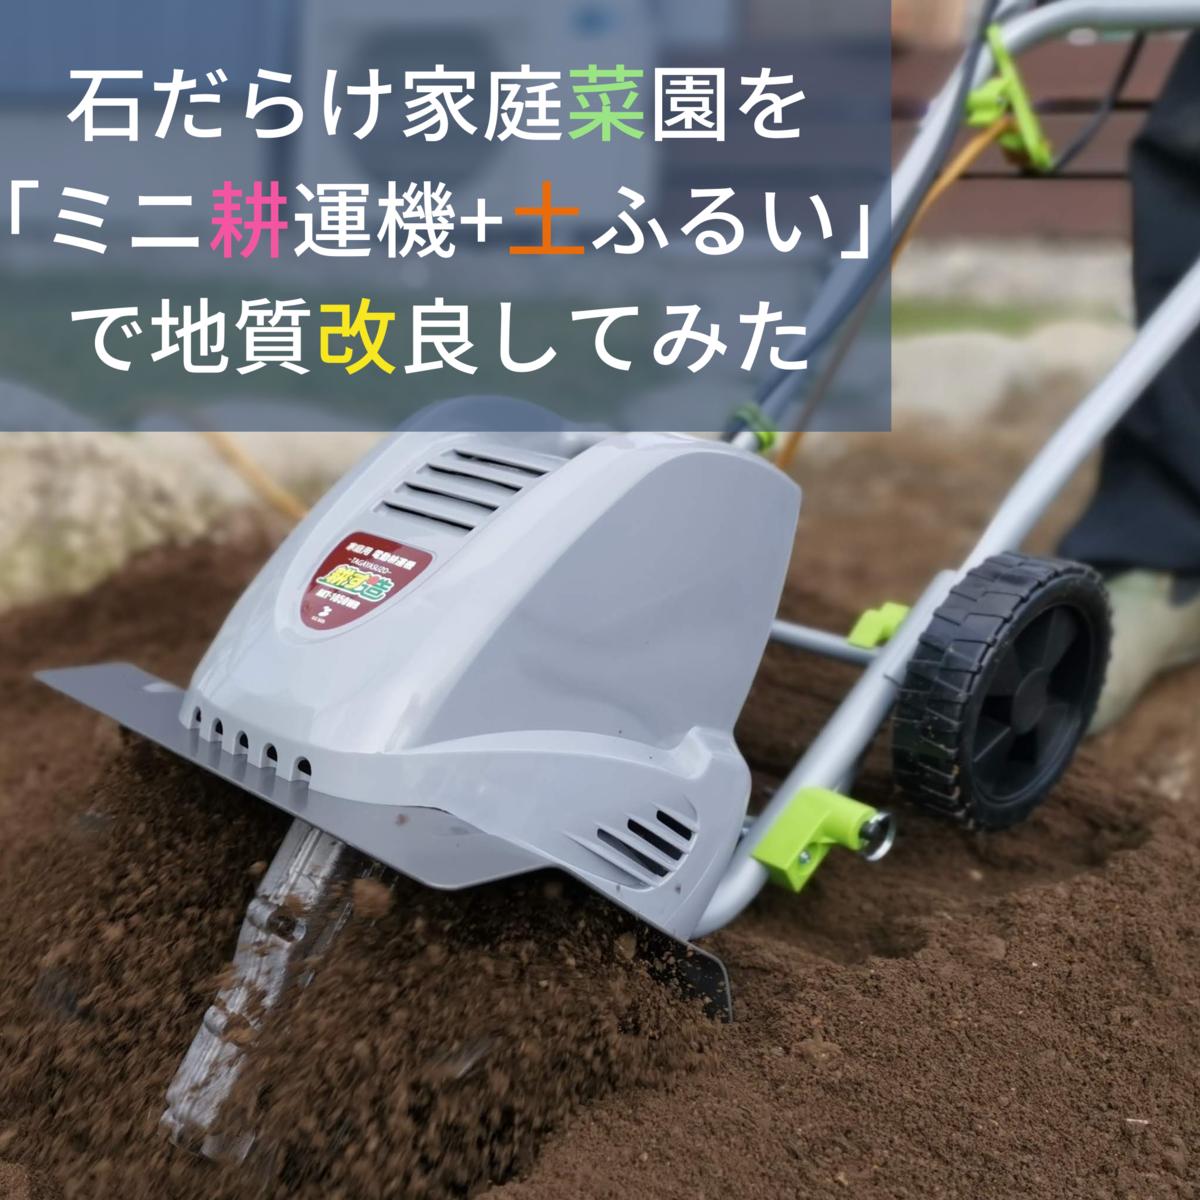 石だらけ家庭菜園を「ミニ耕運機+土ふるい」で地質改良してみた